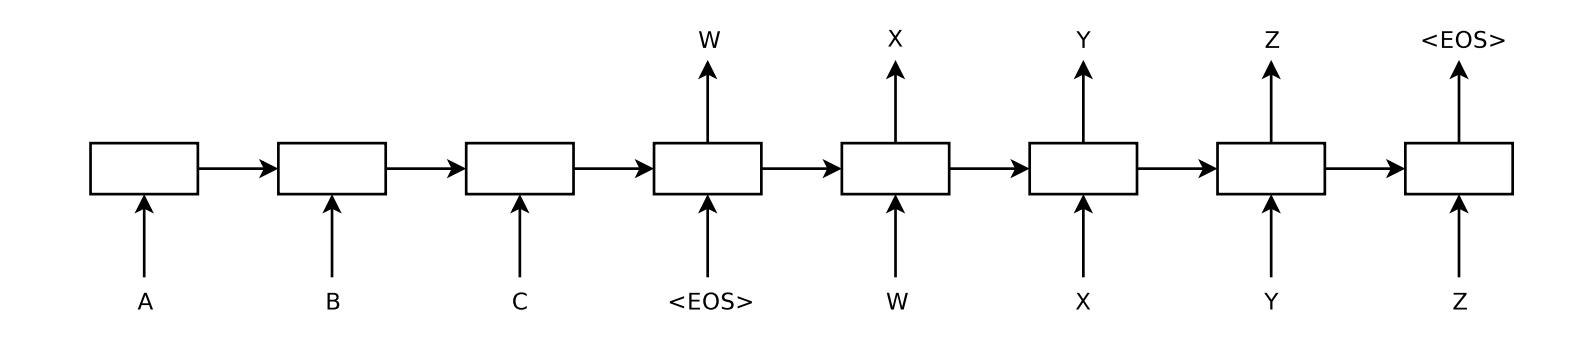 Depiction of Sutskever Encoder-Decoder Model for Text Translation